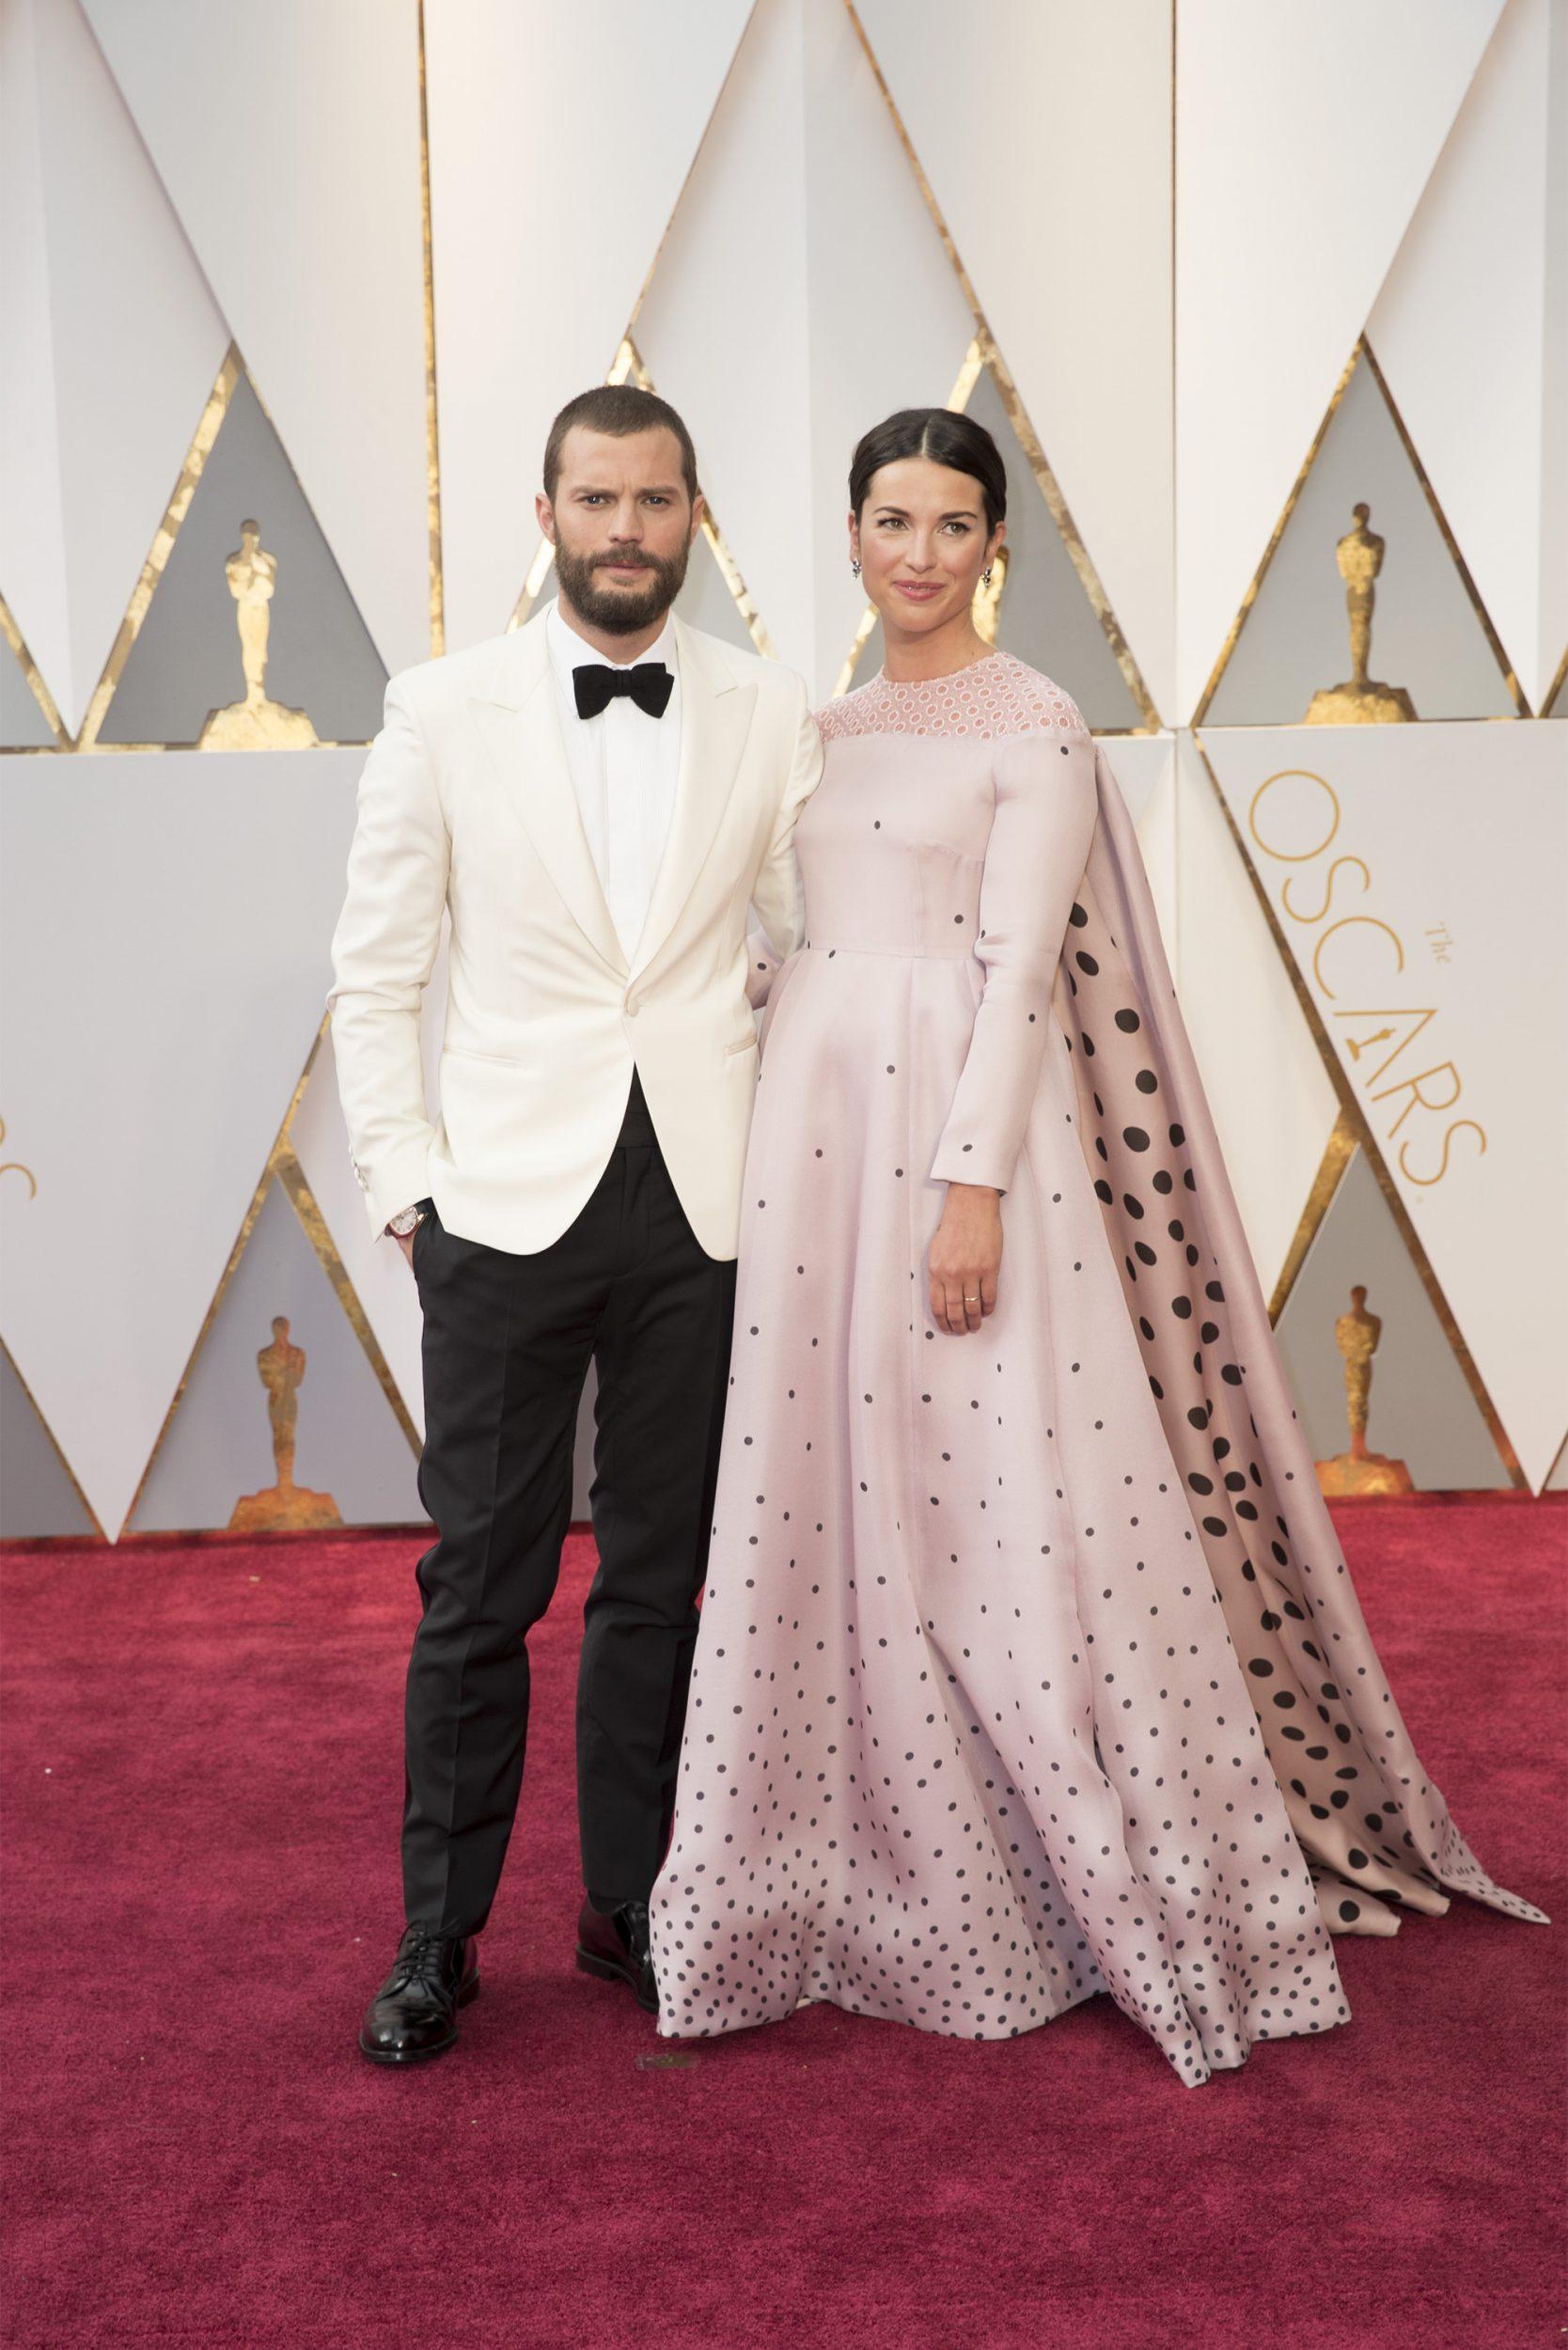 THE OSCARS(r) - The 89th Oscars(r)  broadcasts live on Oscar(r) SUNDAY, FEBRUARY 26, 2017, on the ABC Television Network. (ABC/Tyler Golden) JAMIE DORNAN